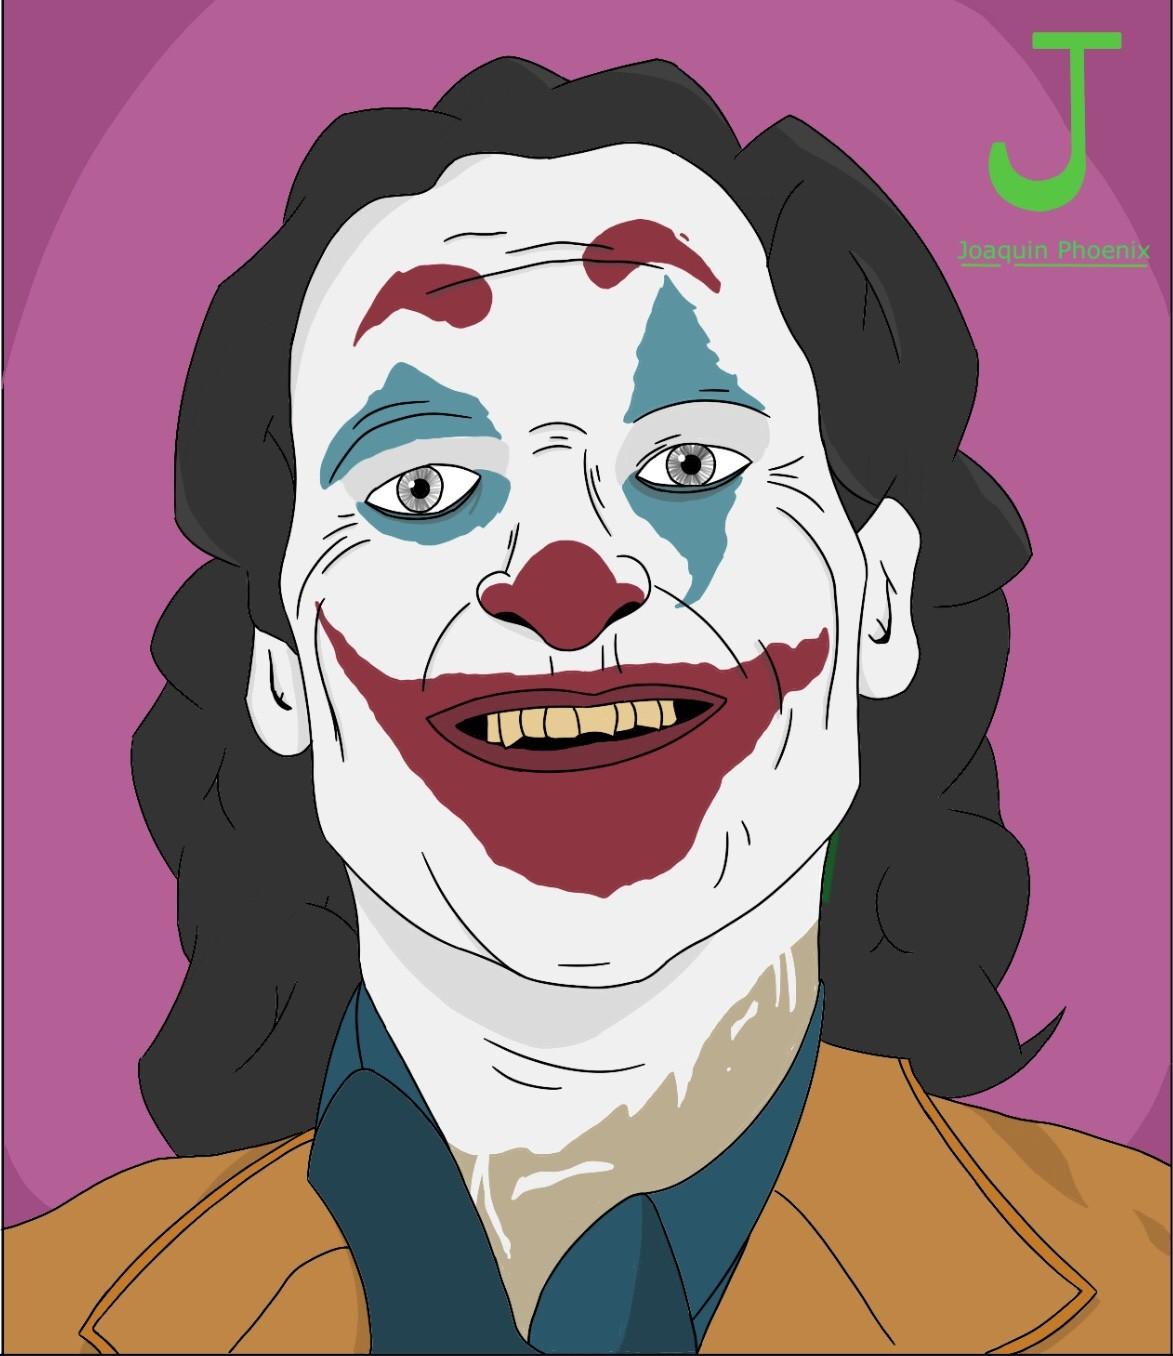 Artstation The Joker Joaquin Phoenix Marin Verspieren